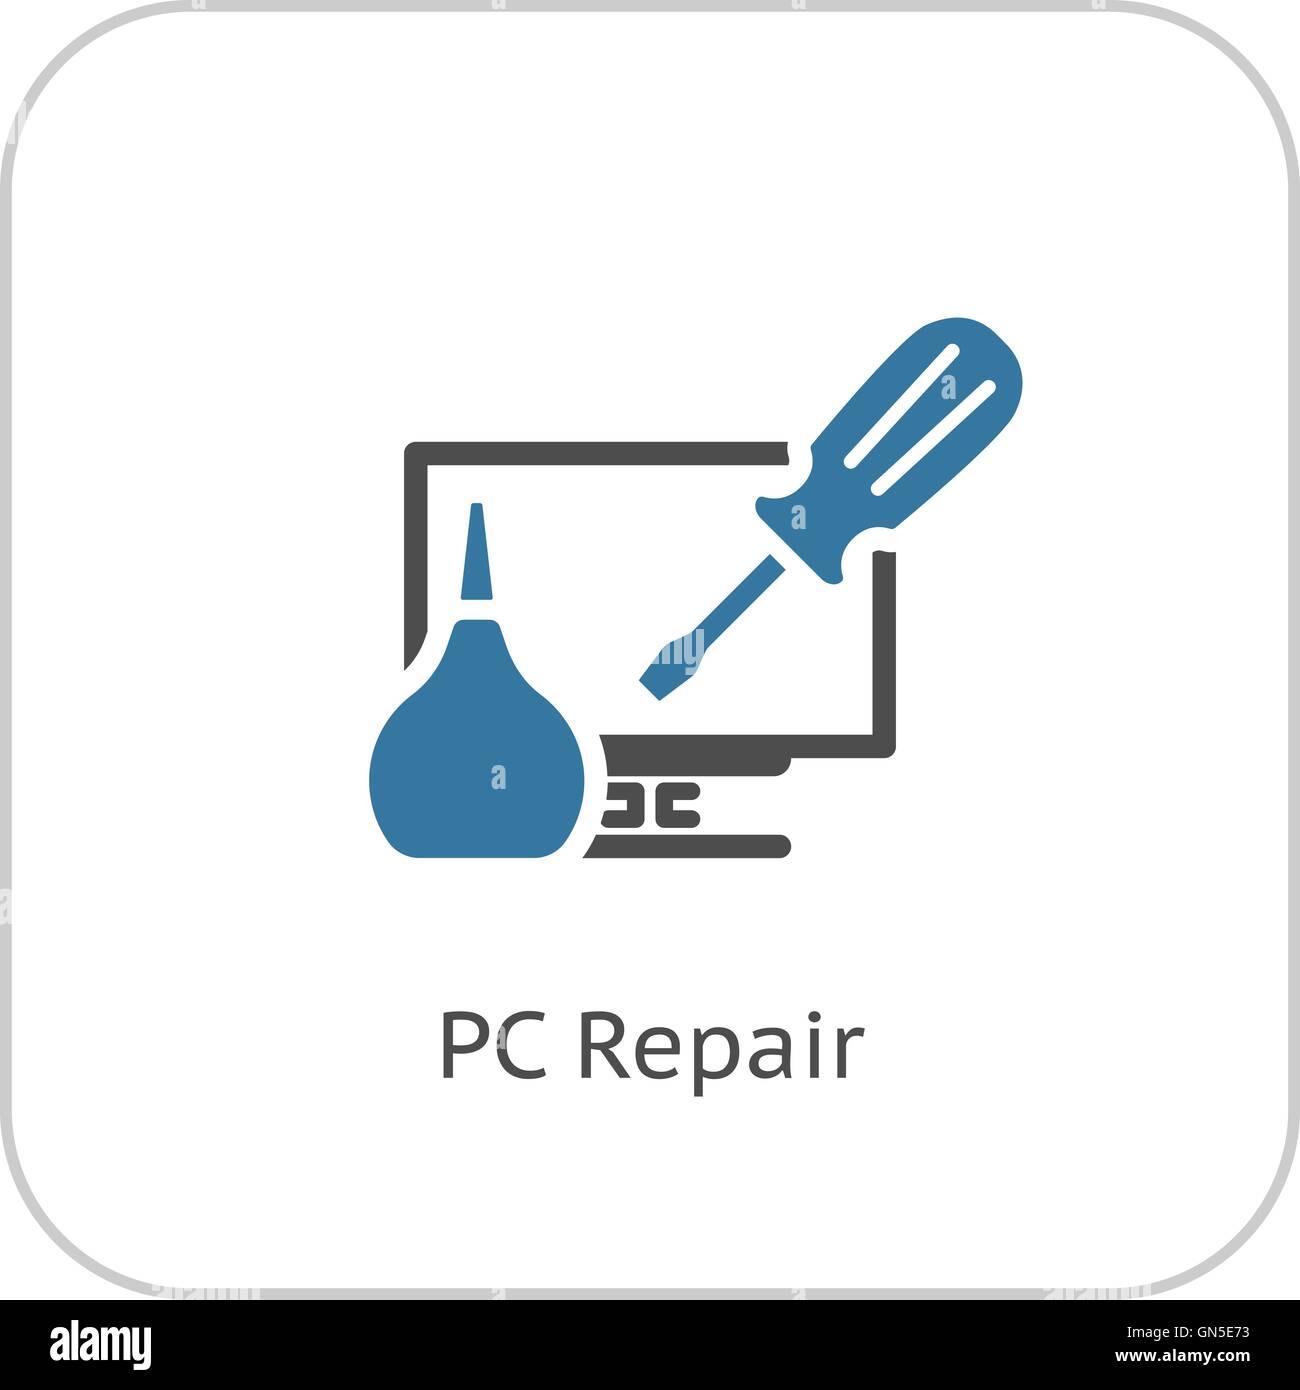 Gadget Repair Icon. Flat Design. - Stock Image